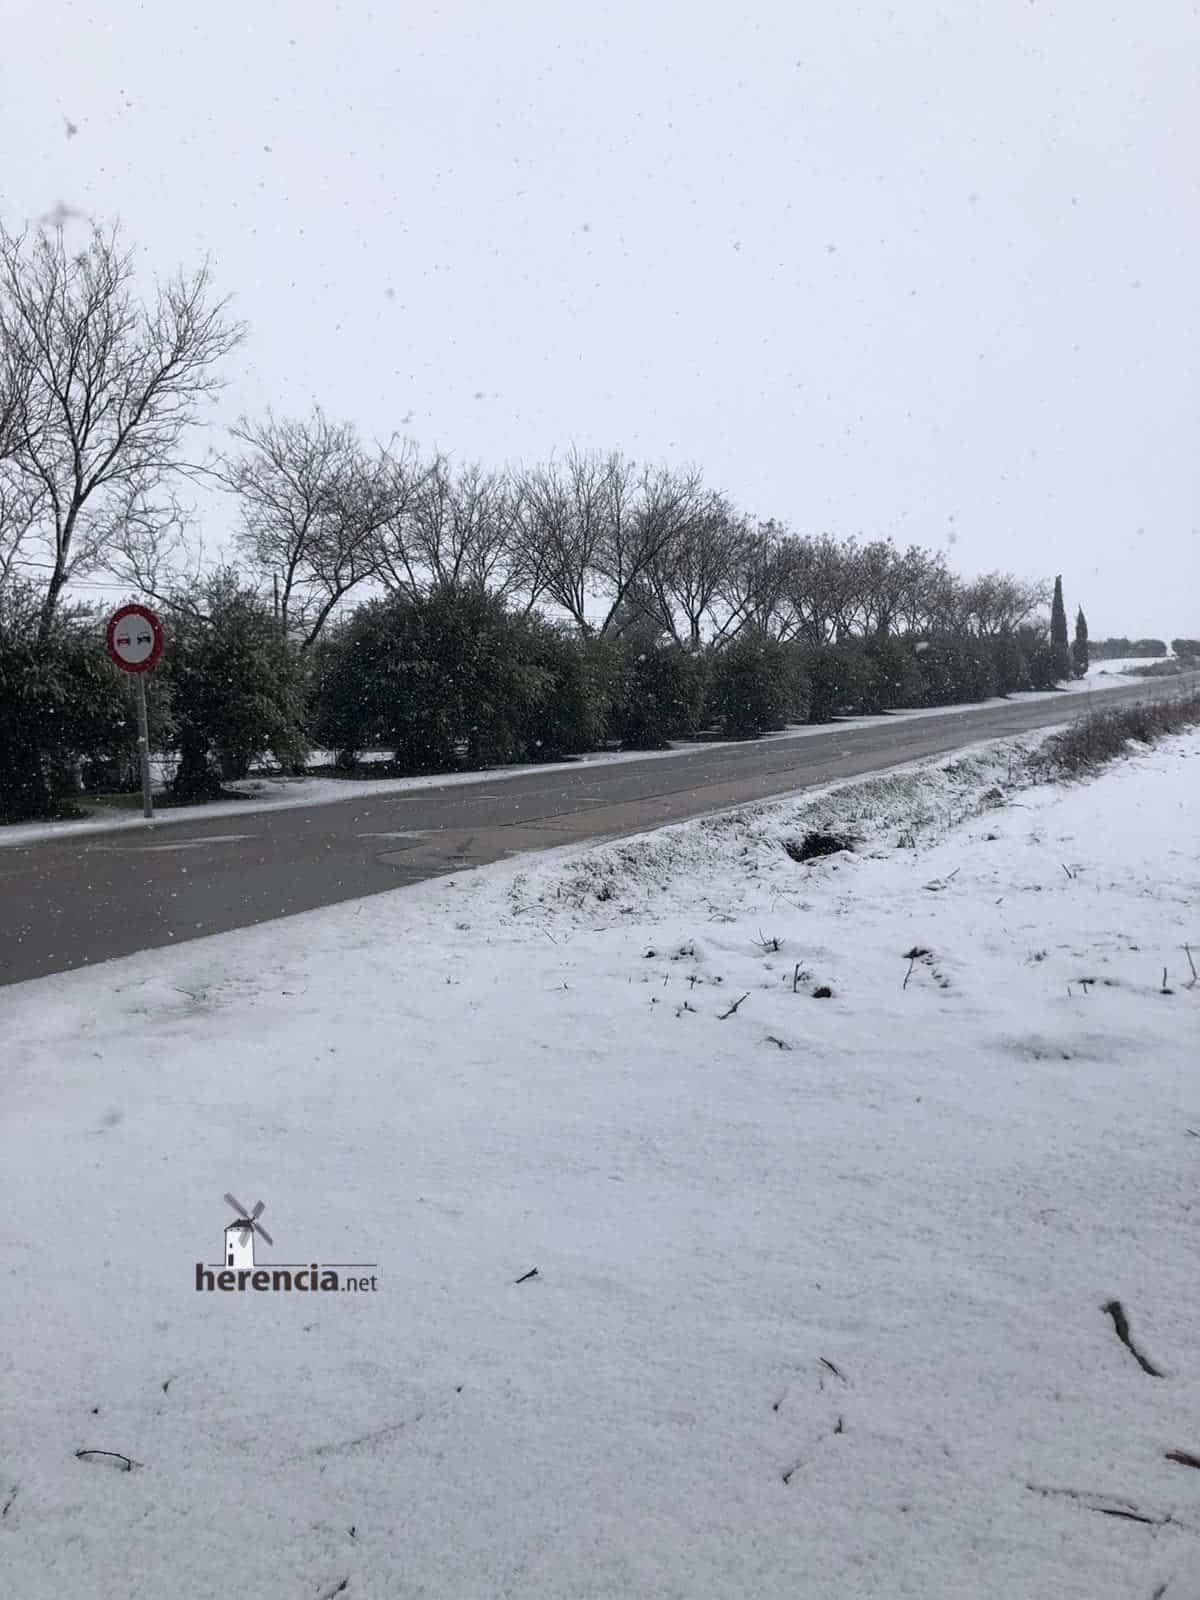 Las nevadas llegan Herencia y a toda Castilla-La Mancha (actualizado) 121